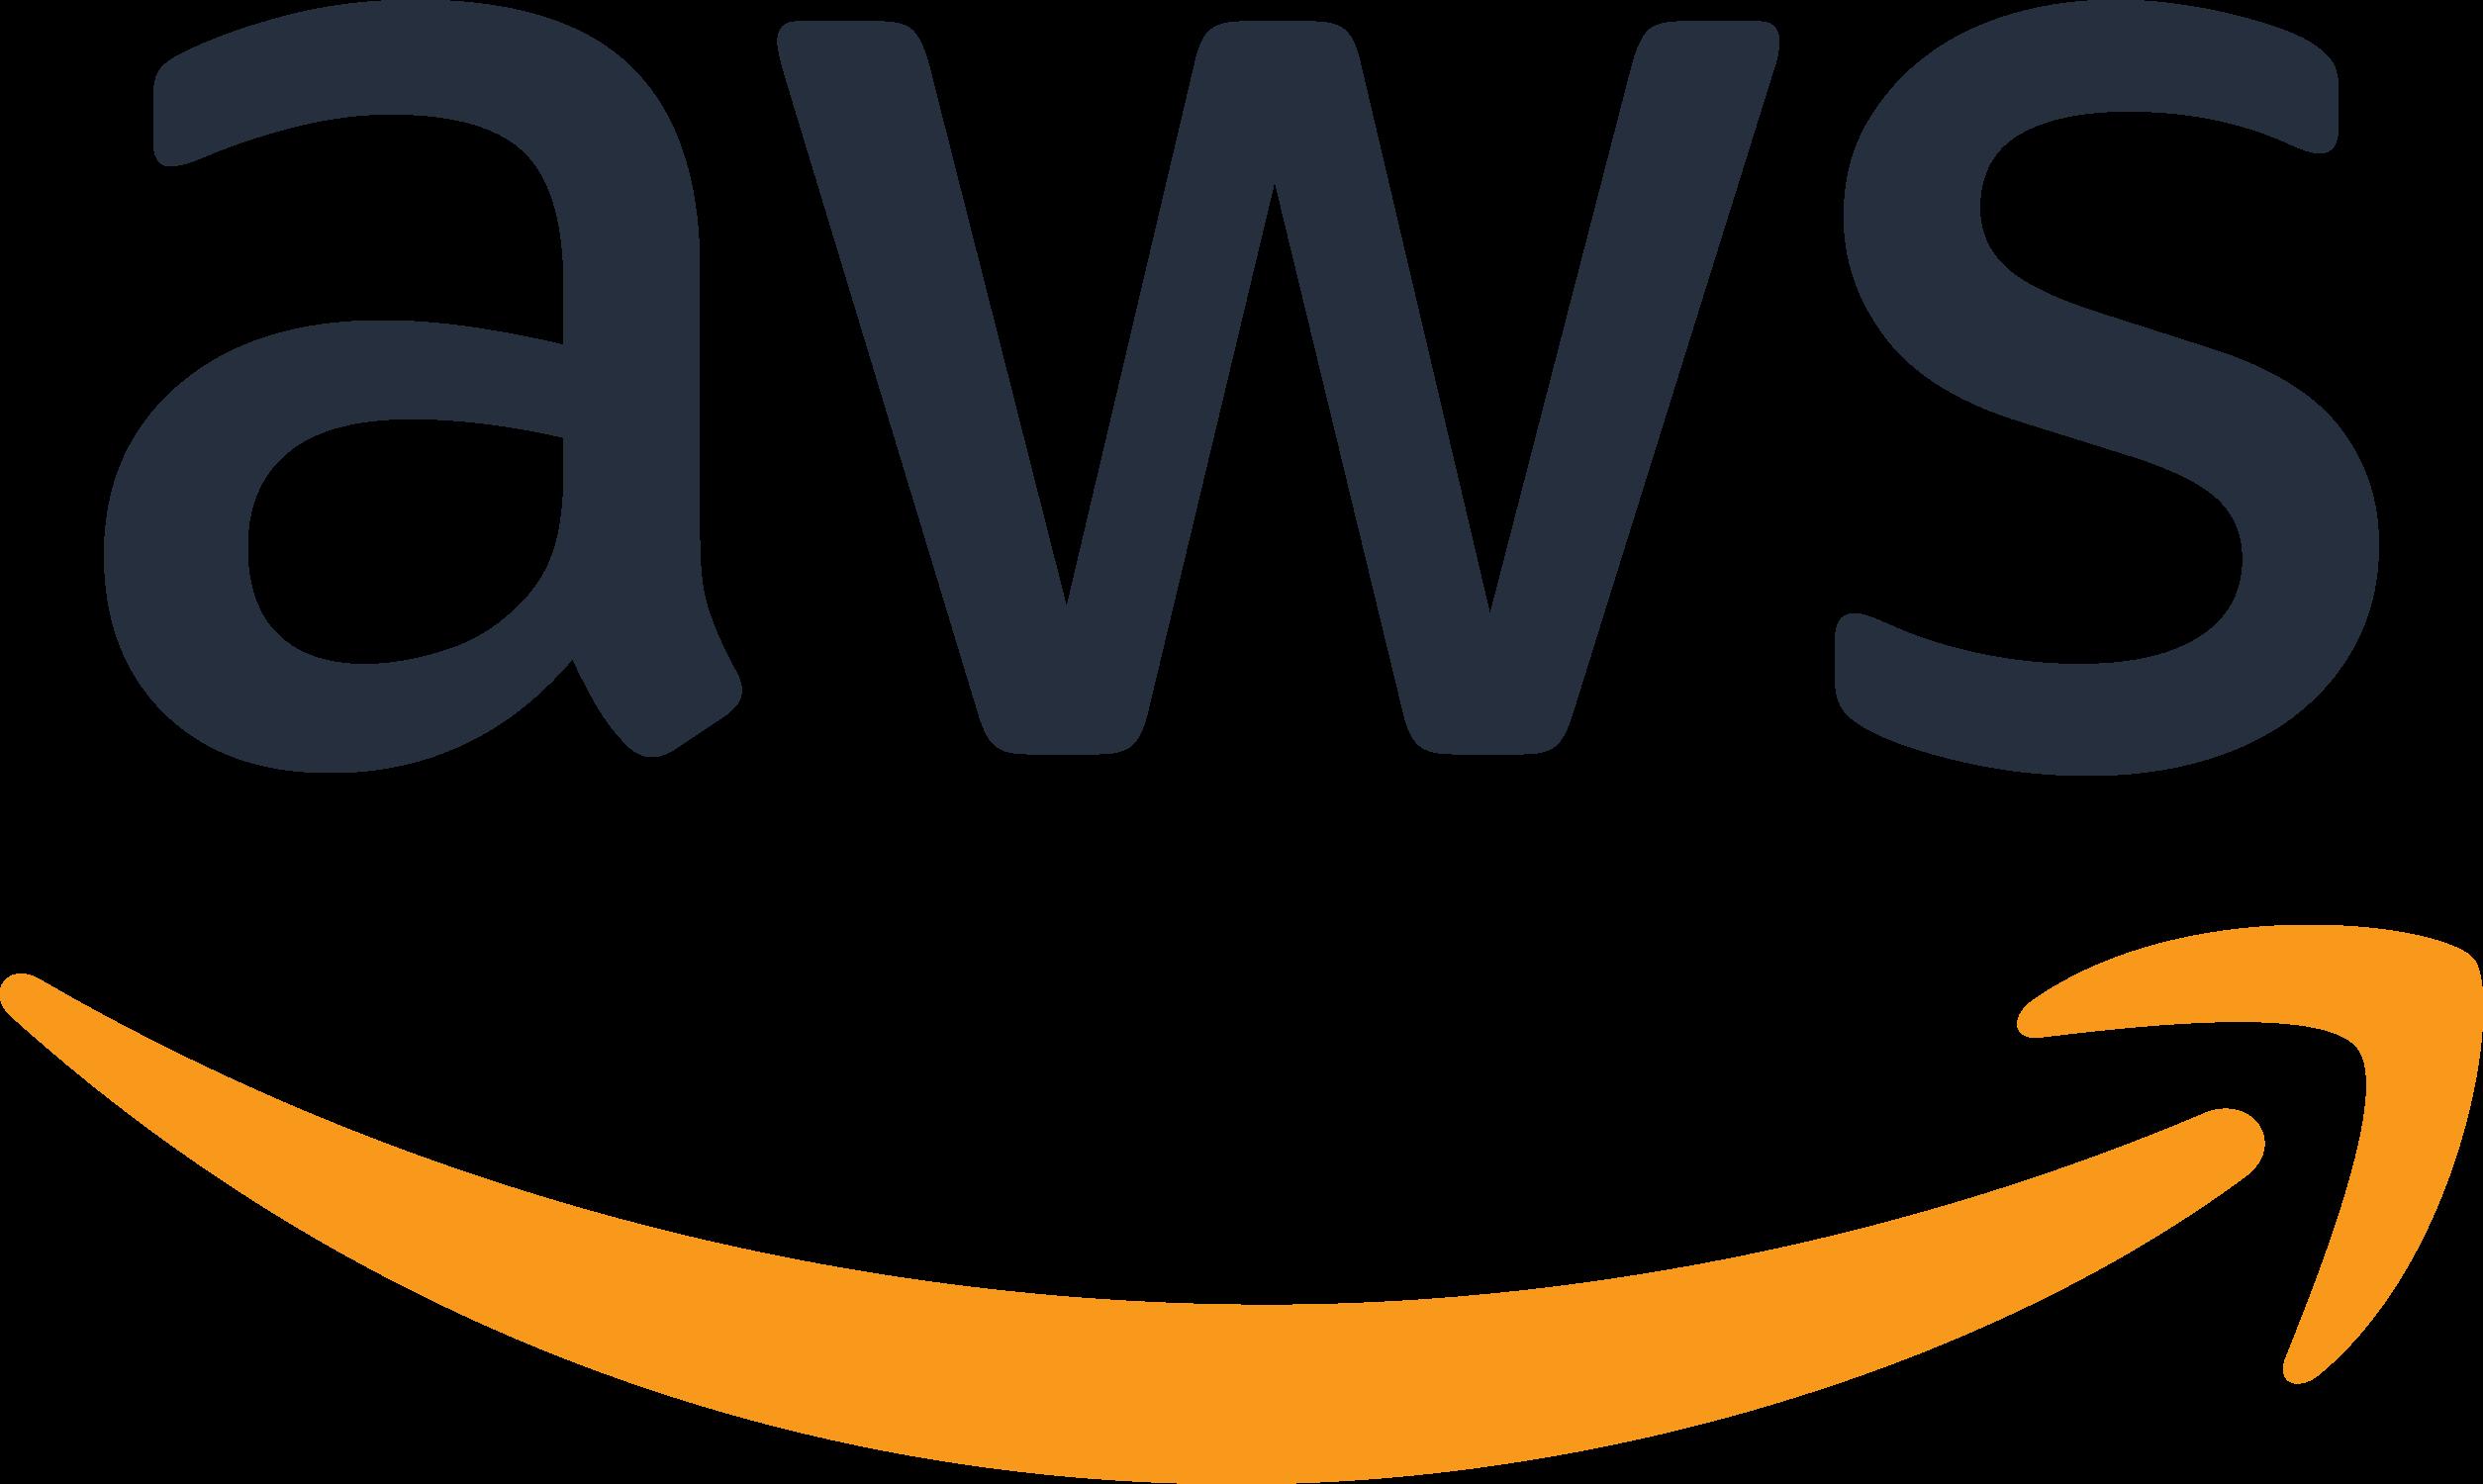 アマゾン ウェブ サービス株式会社